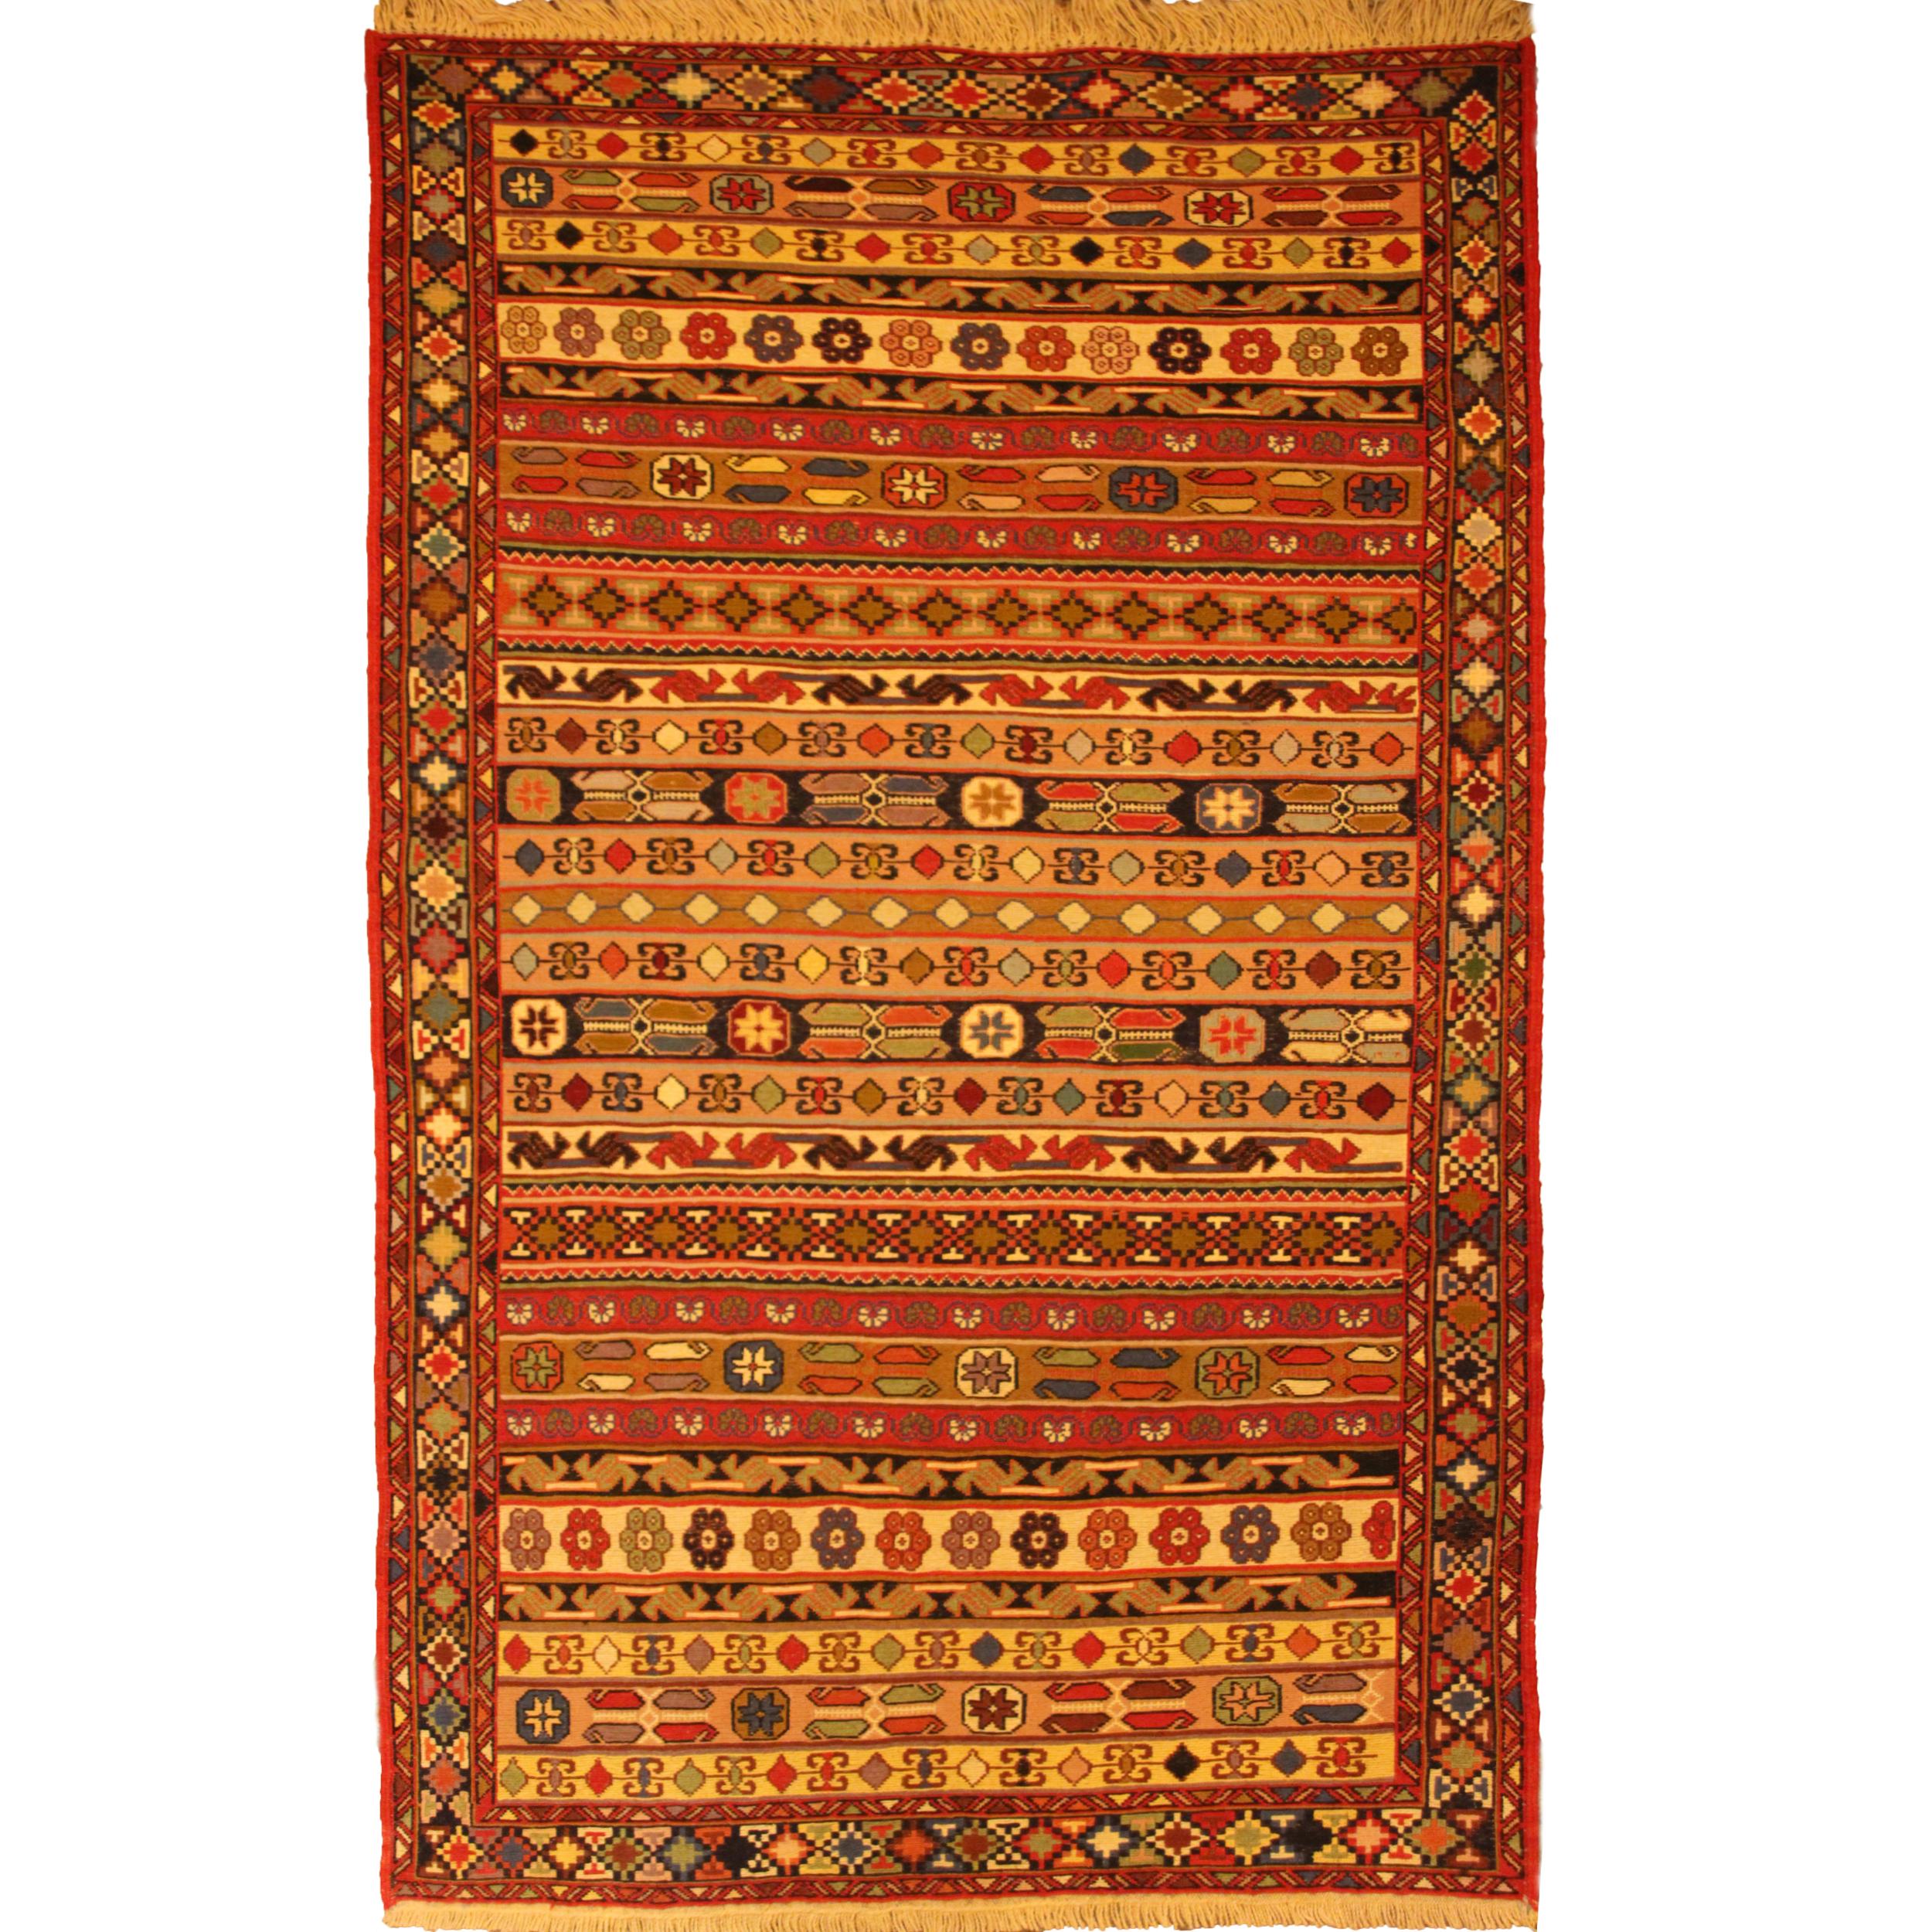 قالیچه دستبافت گلیم ورنی دو و نیم متری کد 105